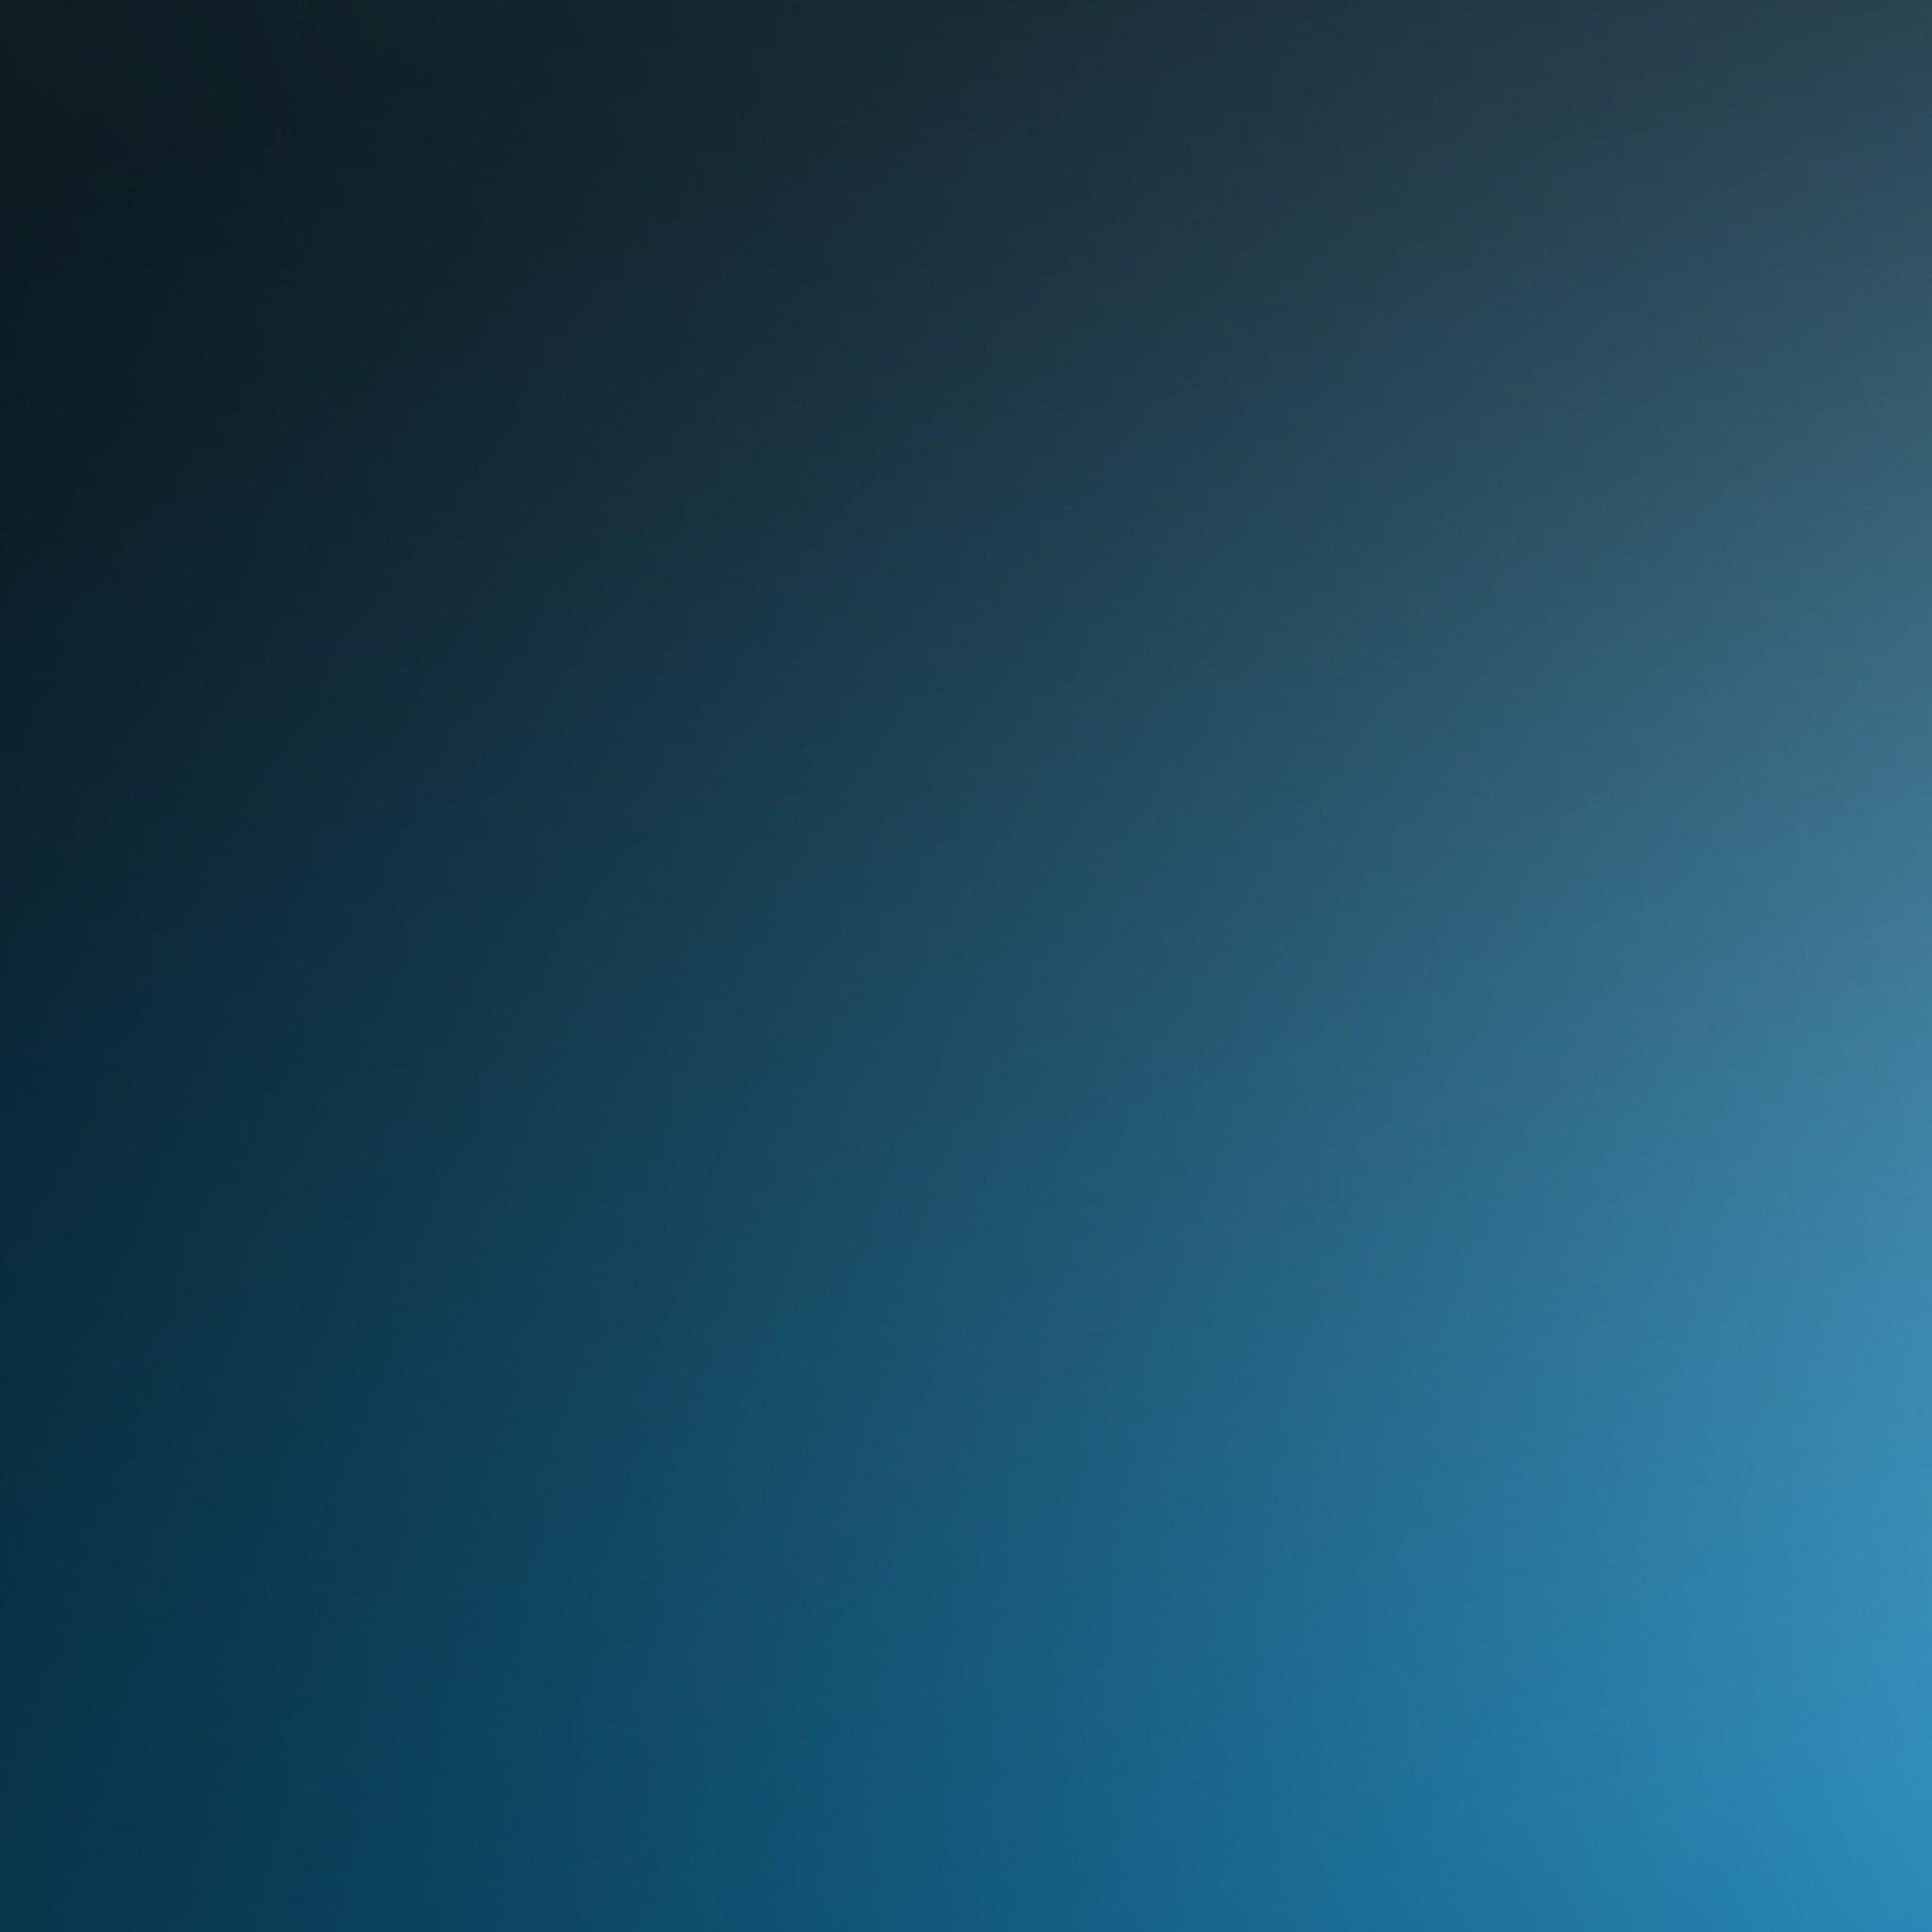 Solid Color Wallpaper for iPhone – WallpaperSafari